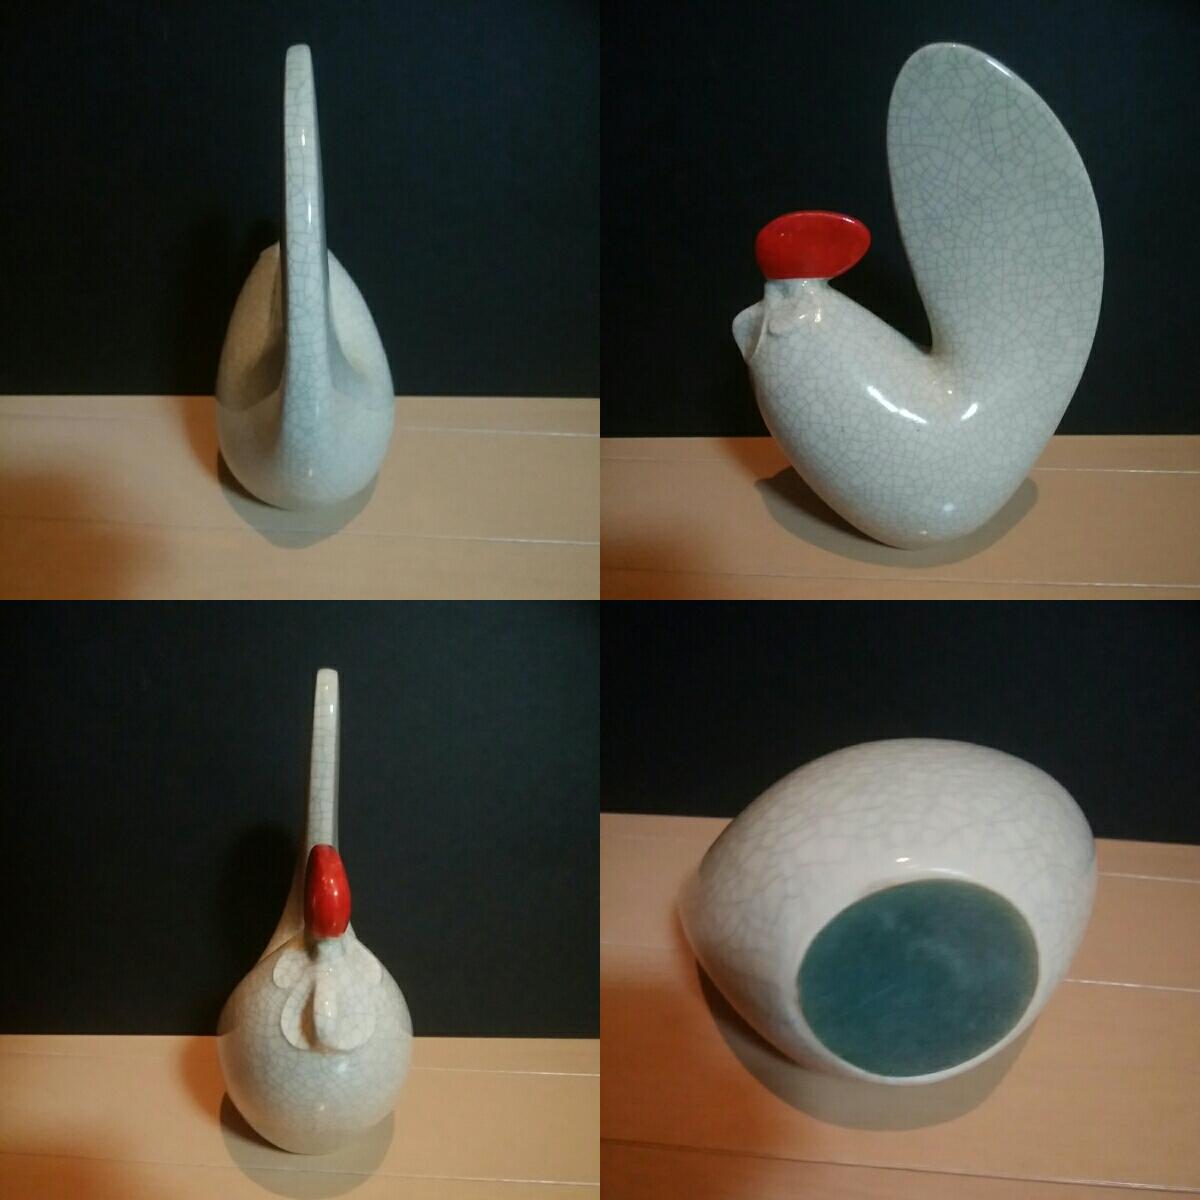 陶器製 干支 鶏 雄鶏 酉 18cm 和風 インテリア 171006 丸みのある目を引く鶏 日本_画像2